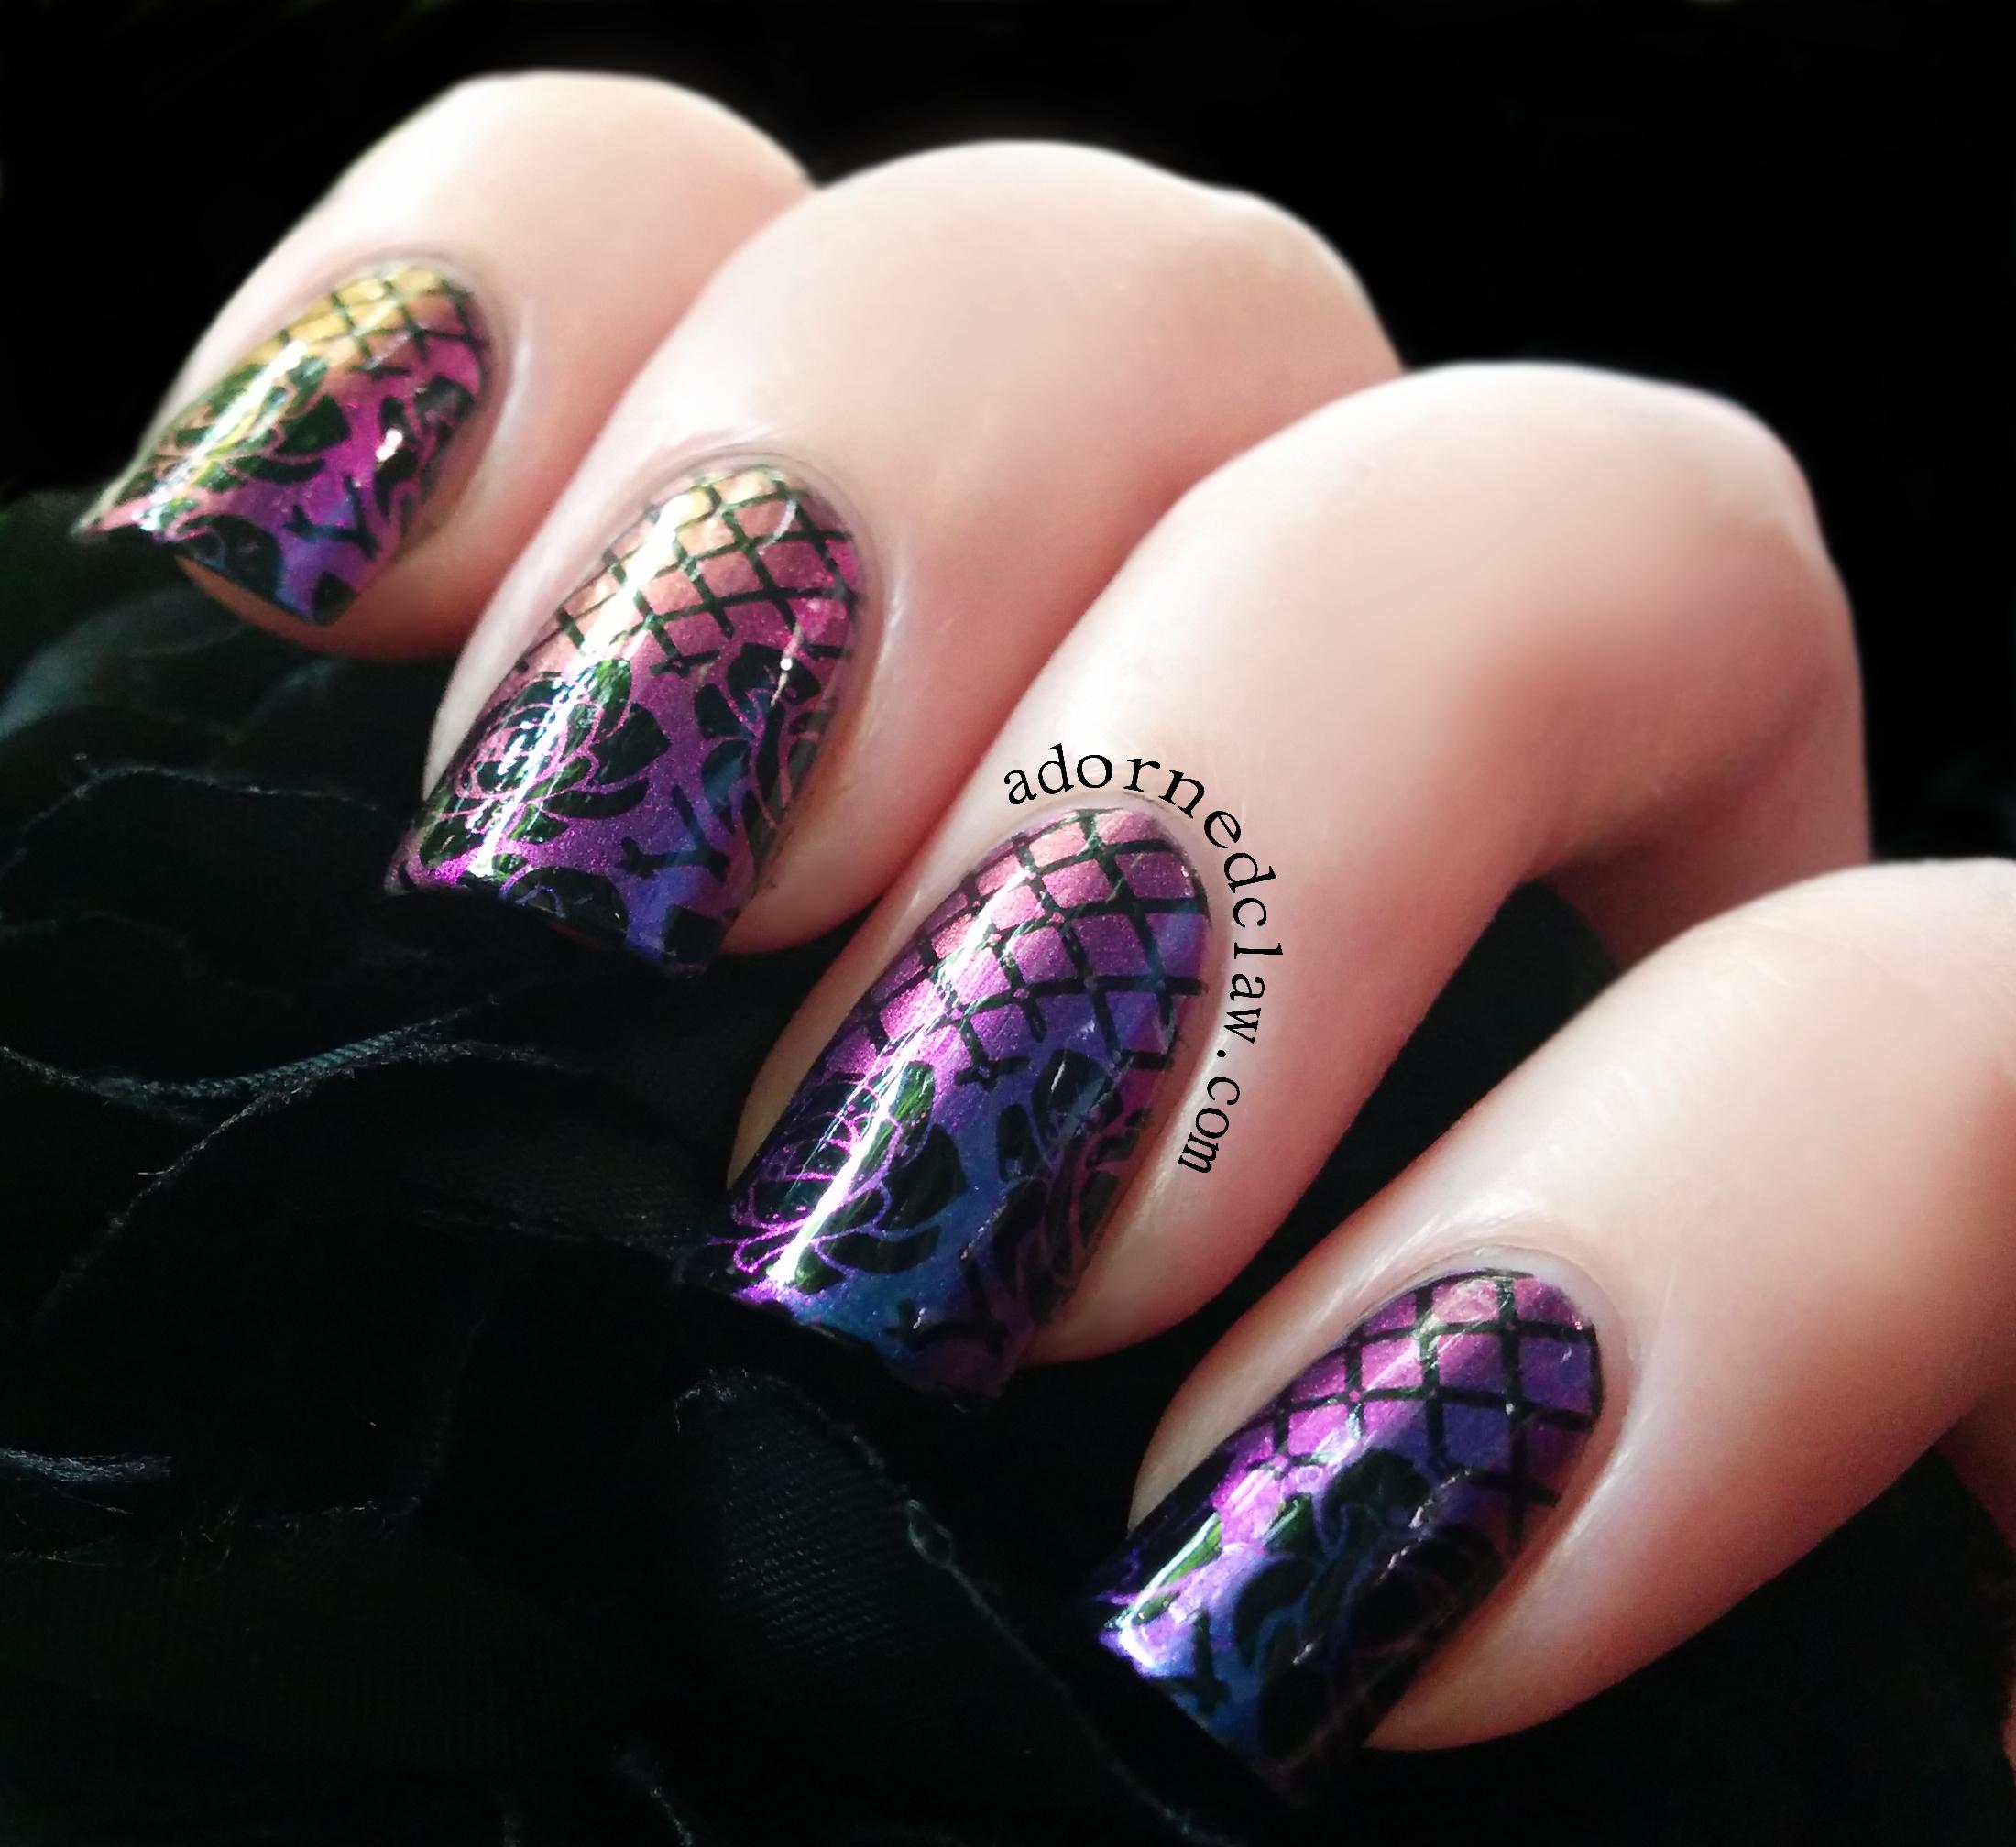 Gothic style nail art : Birefringence stamped with moyou gothic